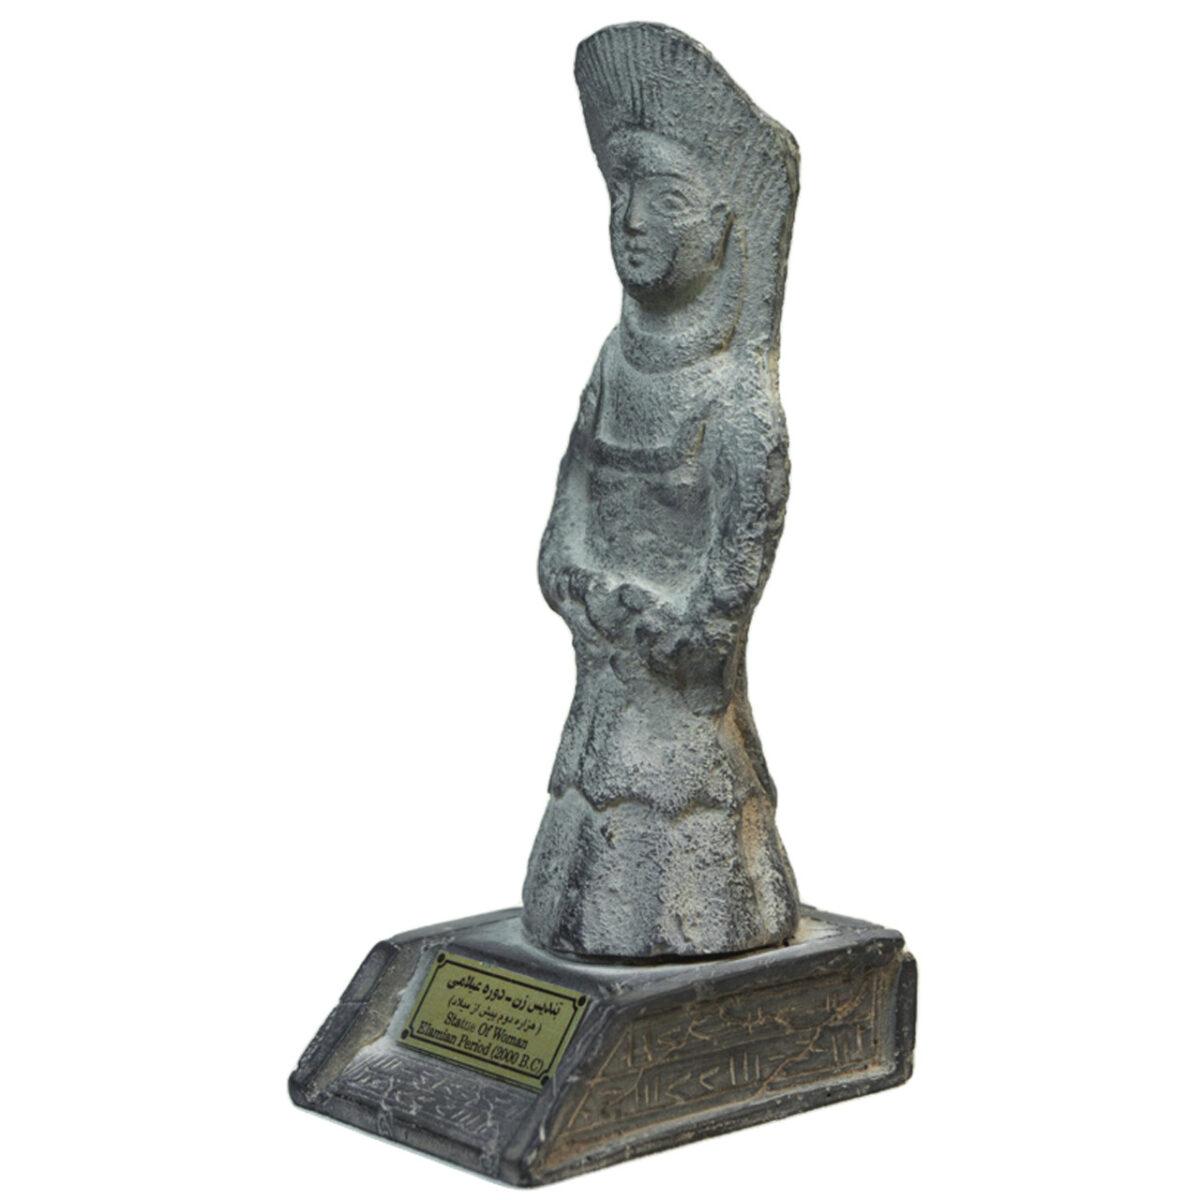 مجسمه تندیس و پیکره شهریار مدل تندیس زن عیلامی کد MO590